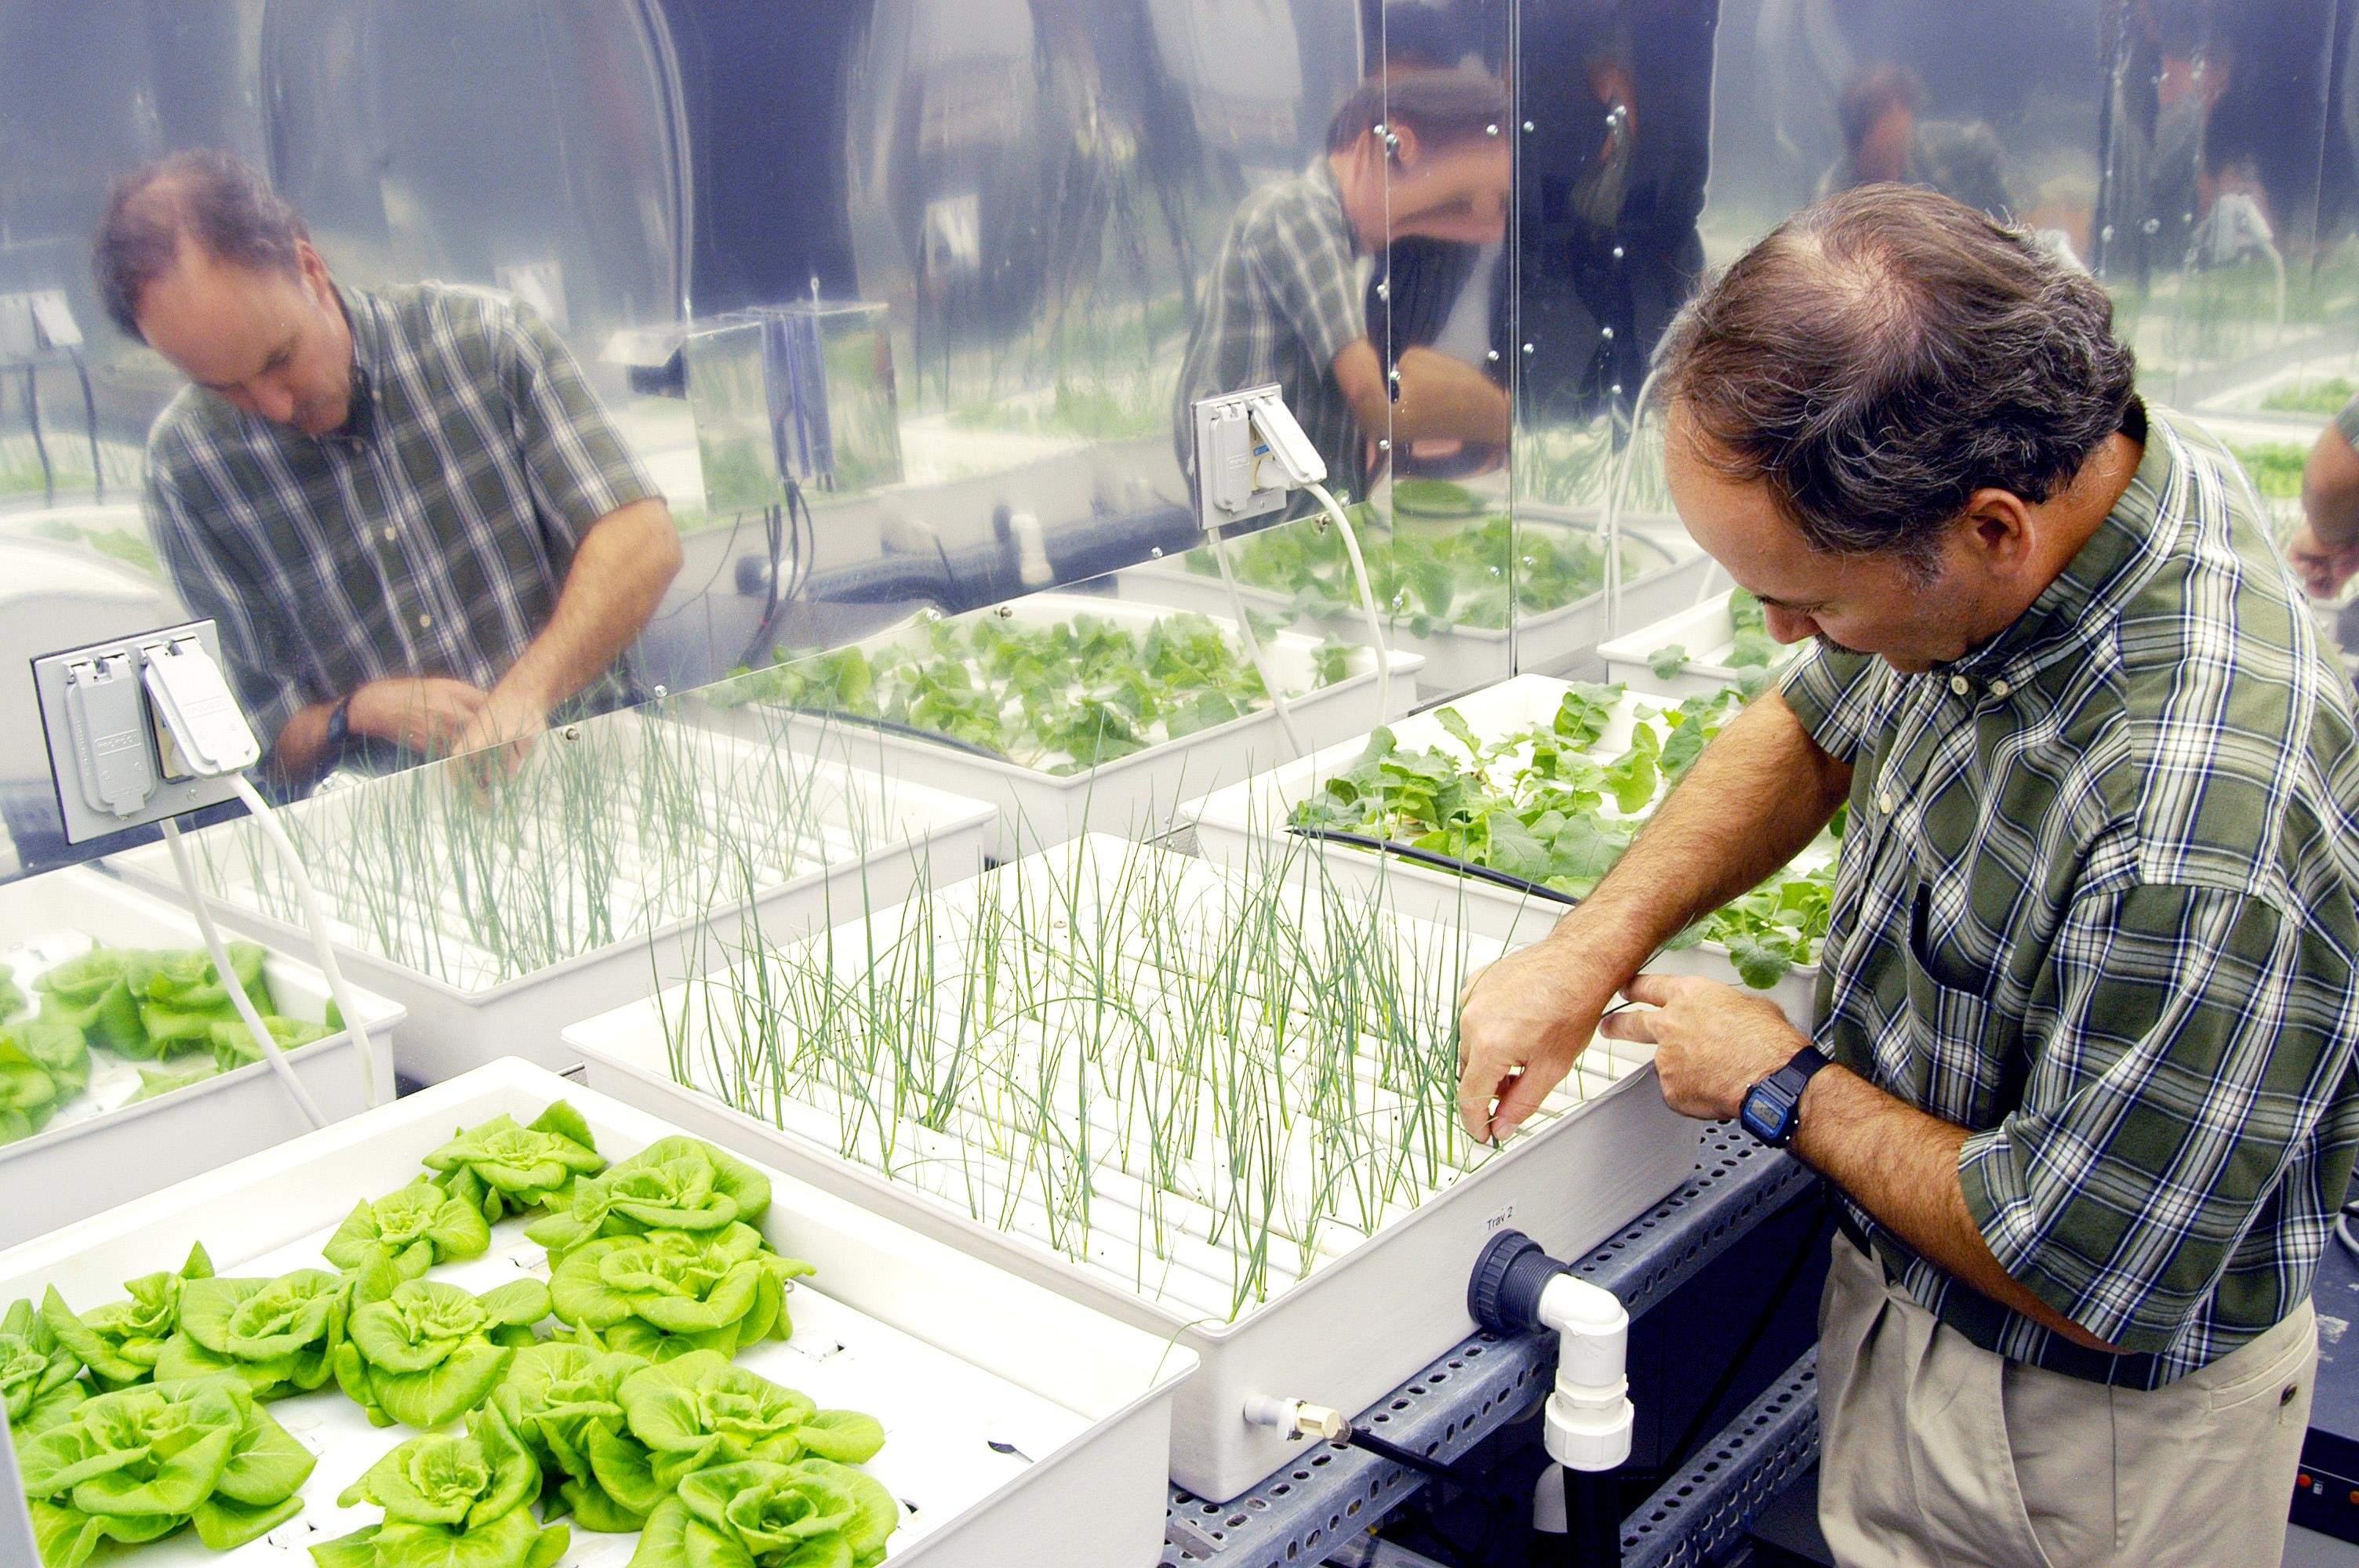 Hydroponic farming onions